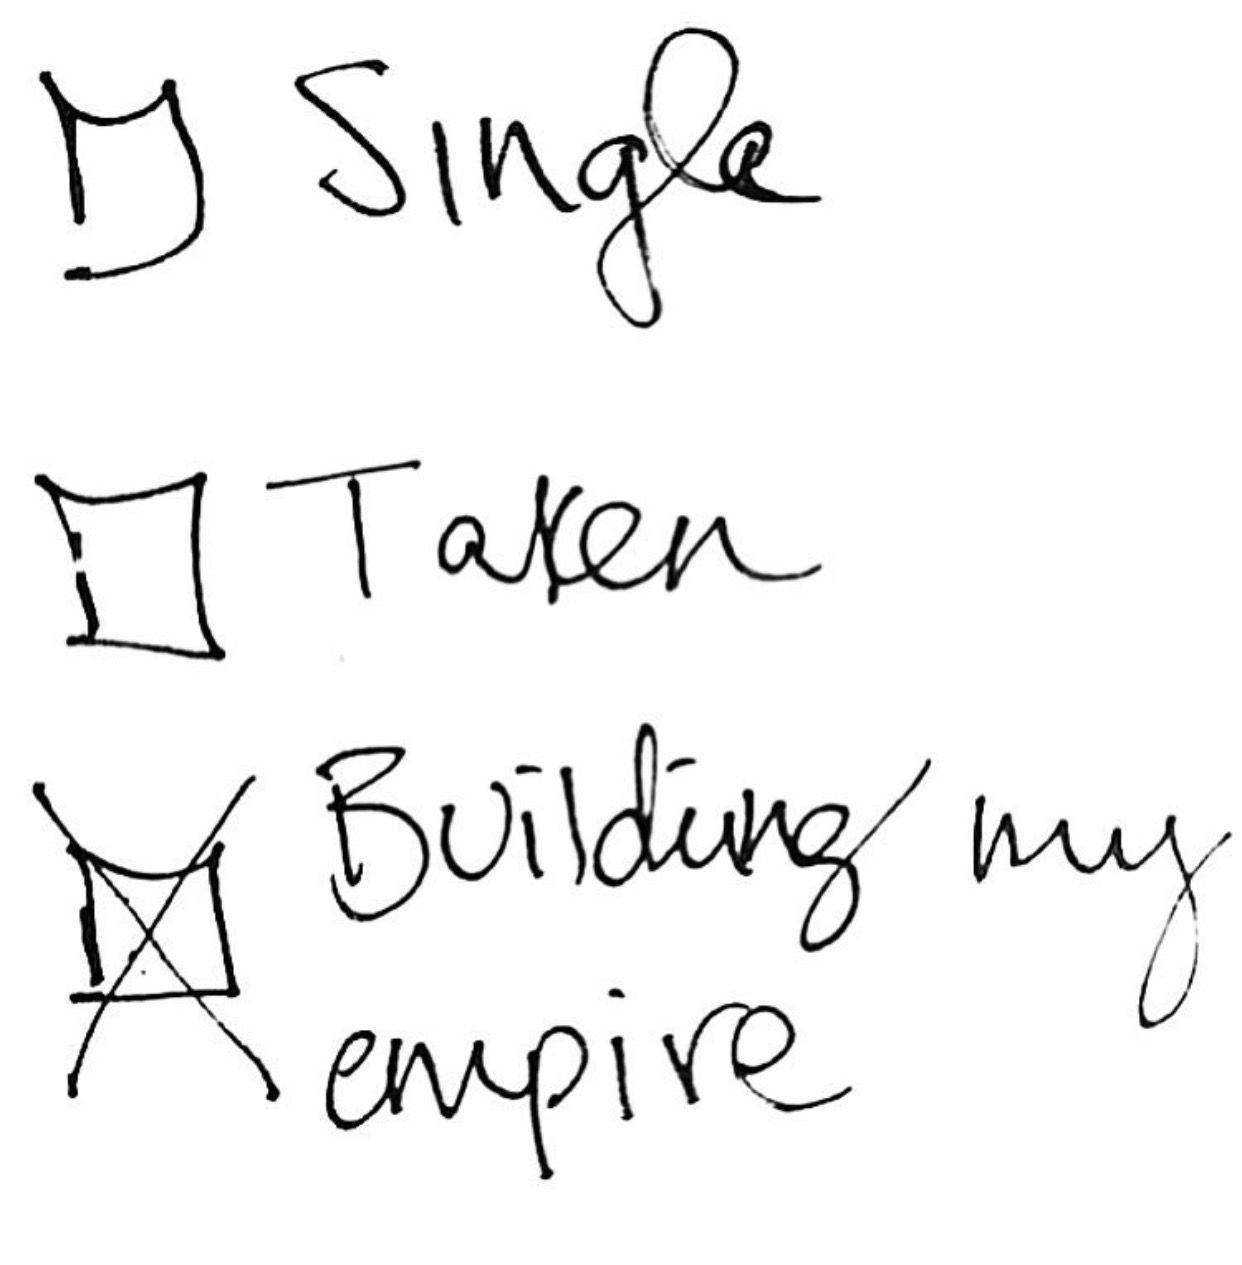 Single taken meaning